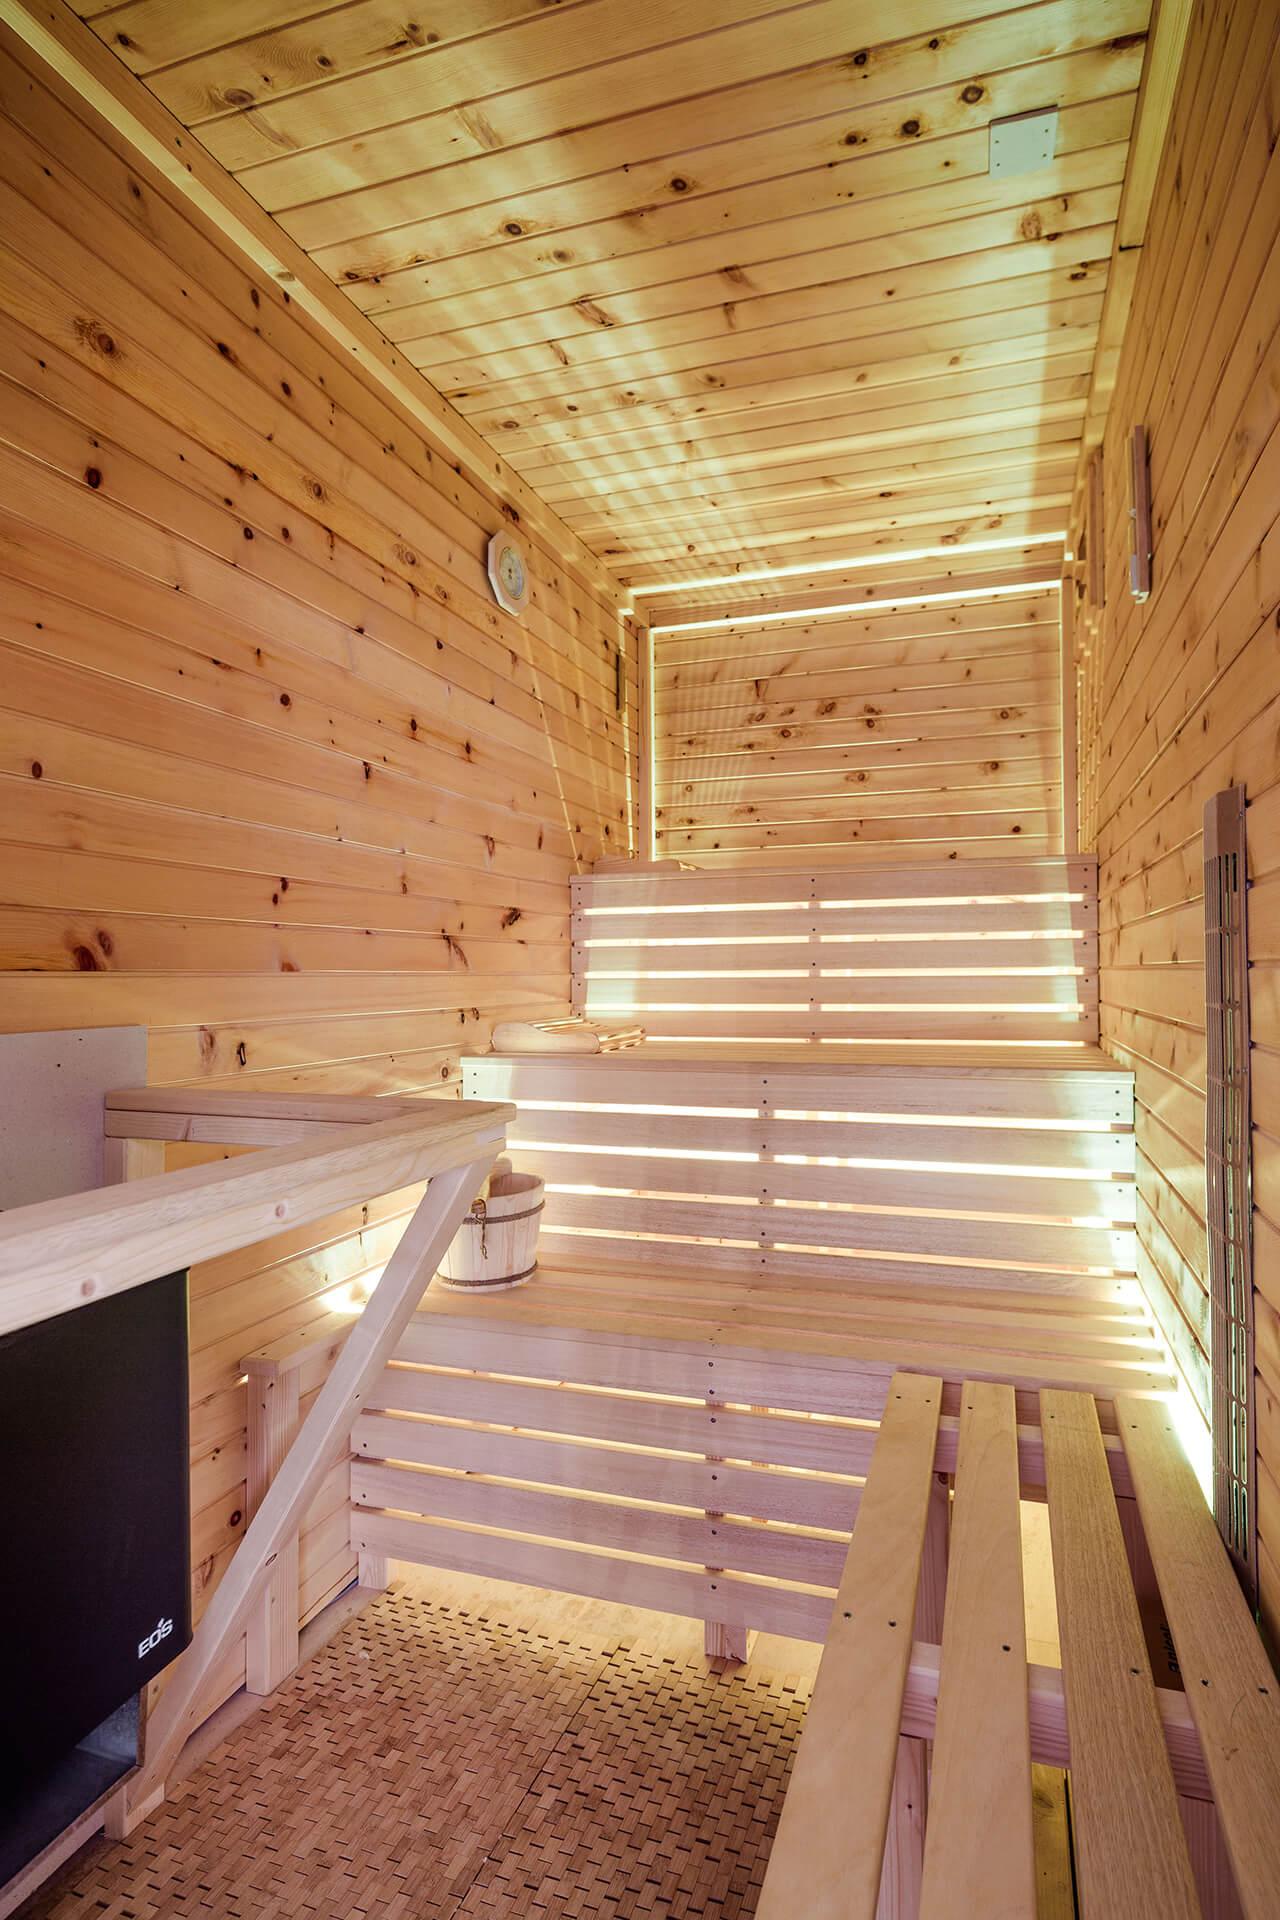 lebens eindr cke familie felberbauer ffnet ihre t ren. Black Bedroom Furniture Sets. Home Design Ideas